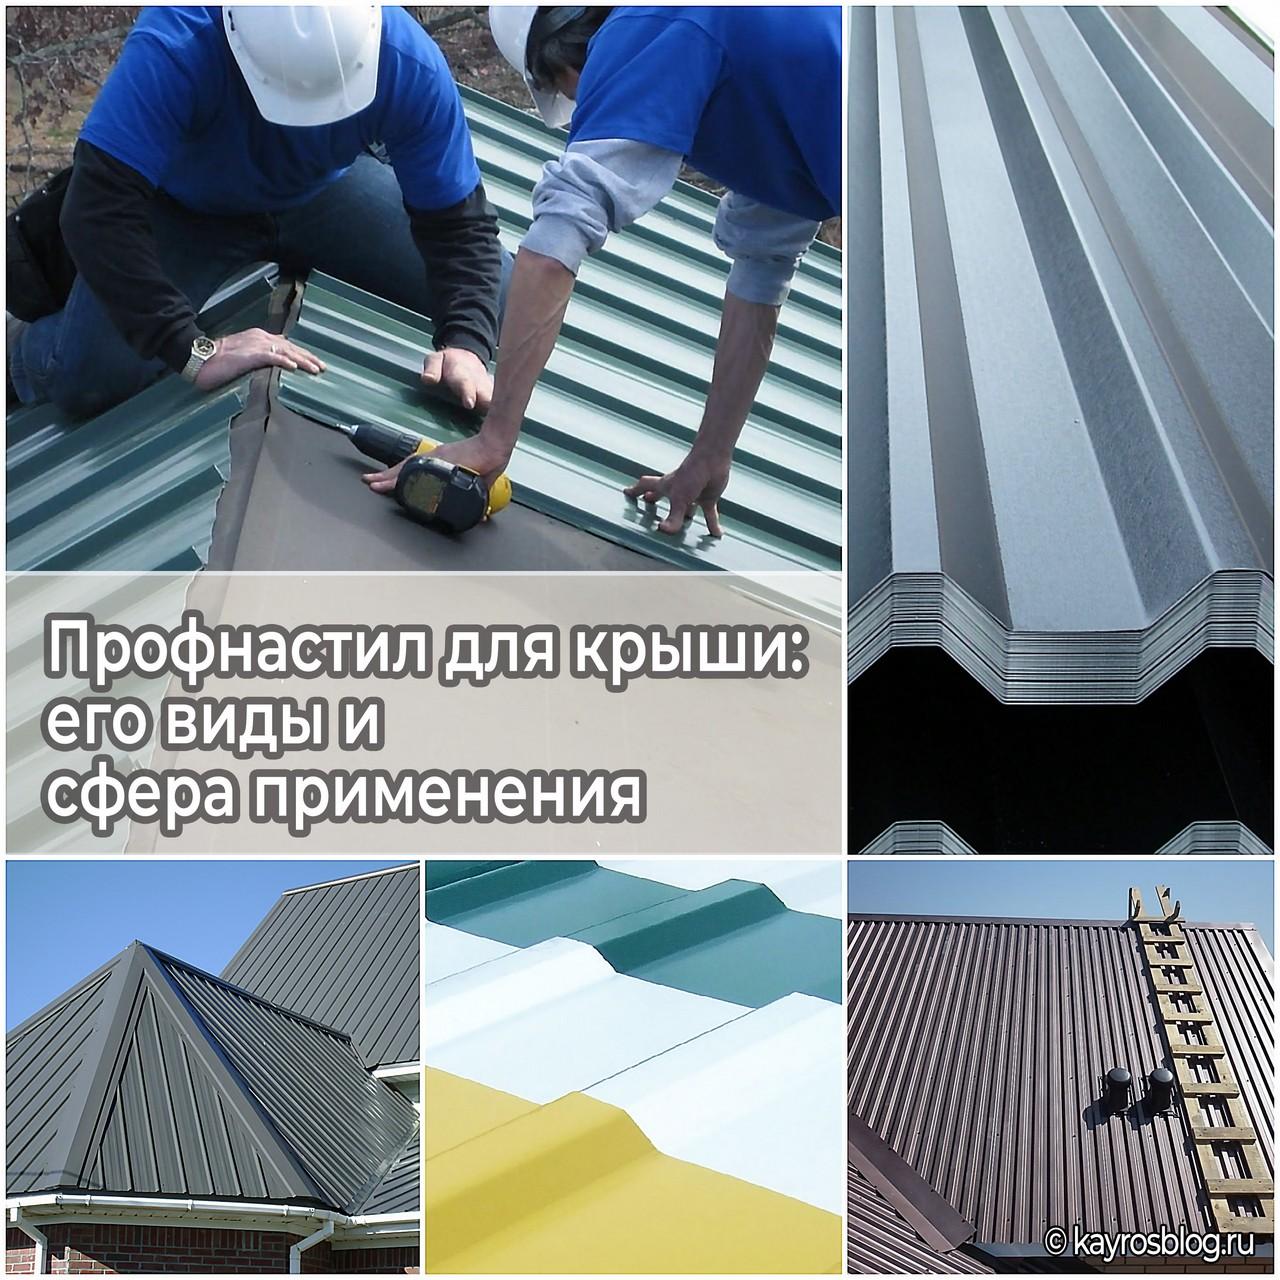 Профнастил для крыши: его виды и сфера применения